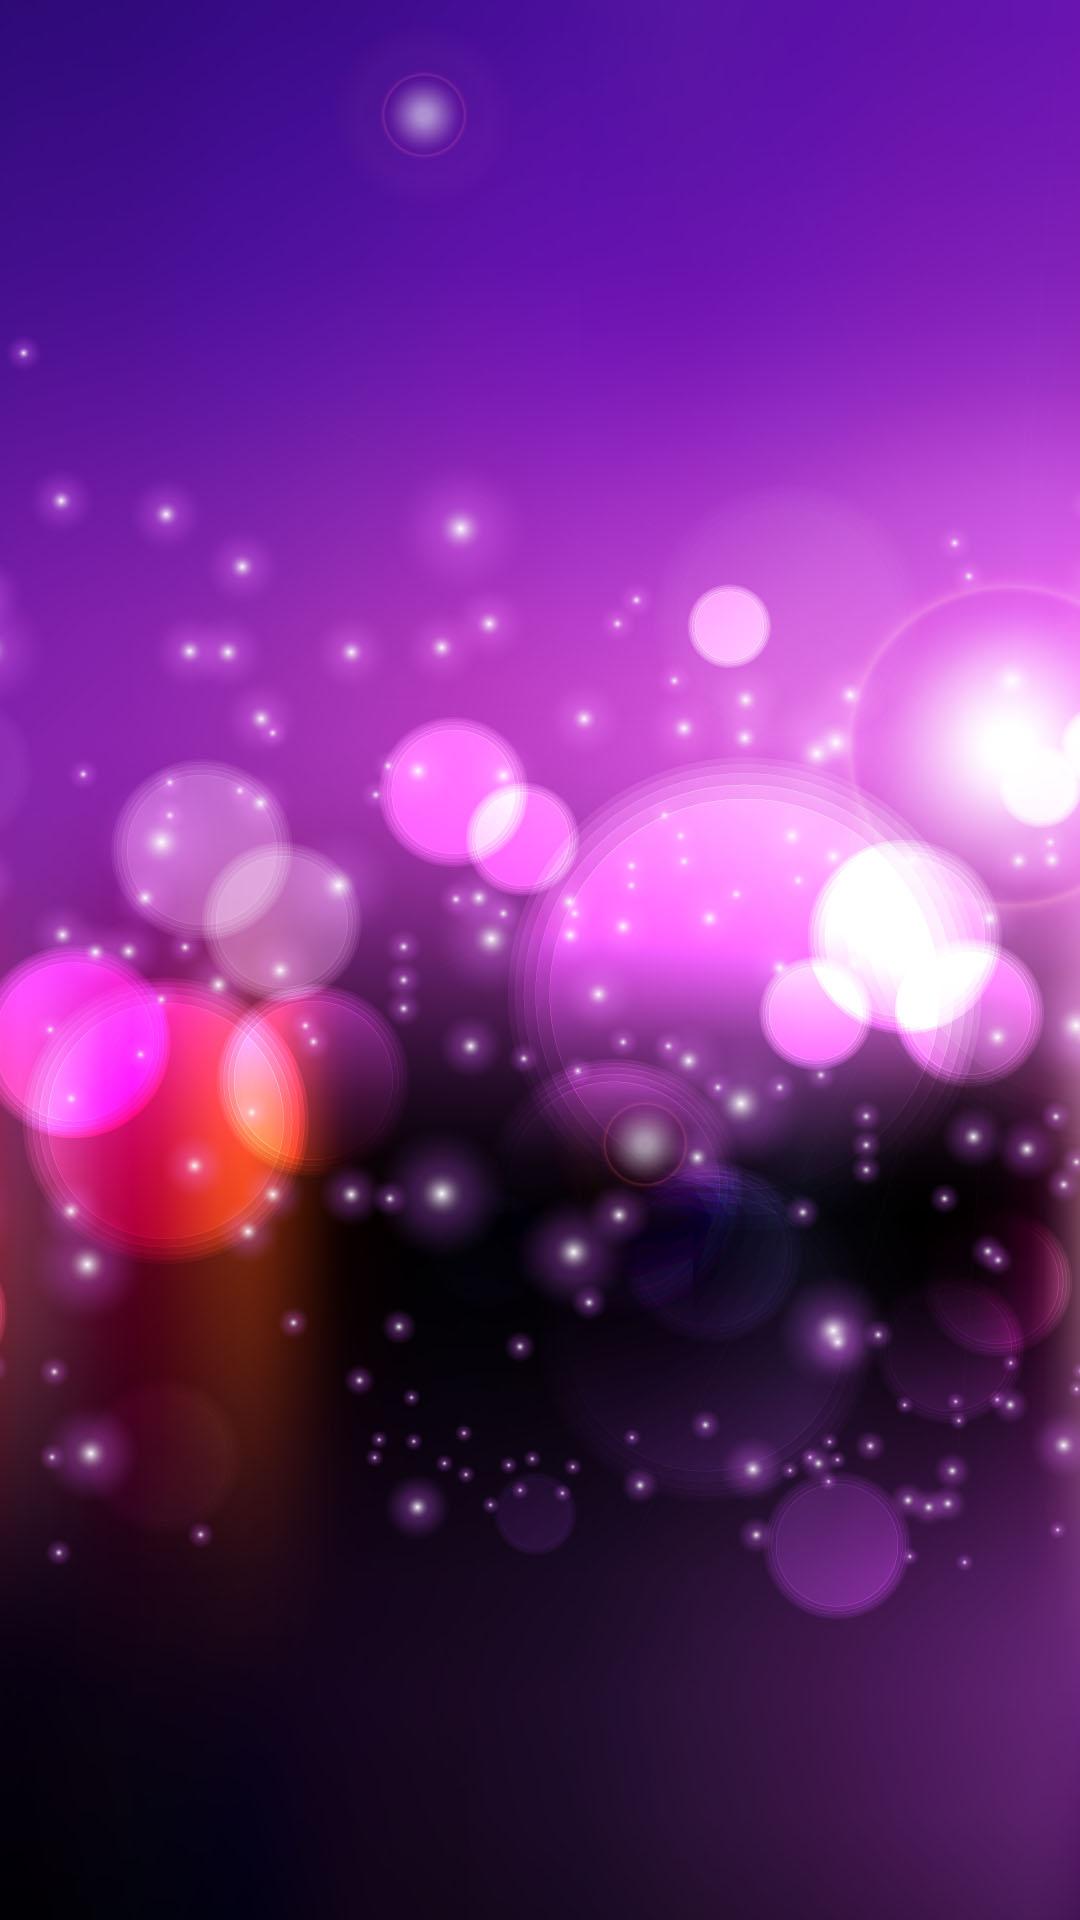 Le stelle luminose viola h materiale di riferimento